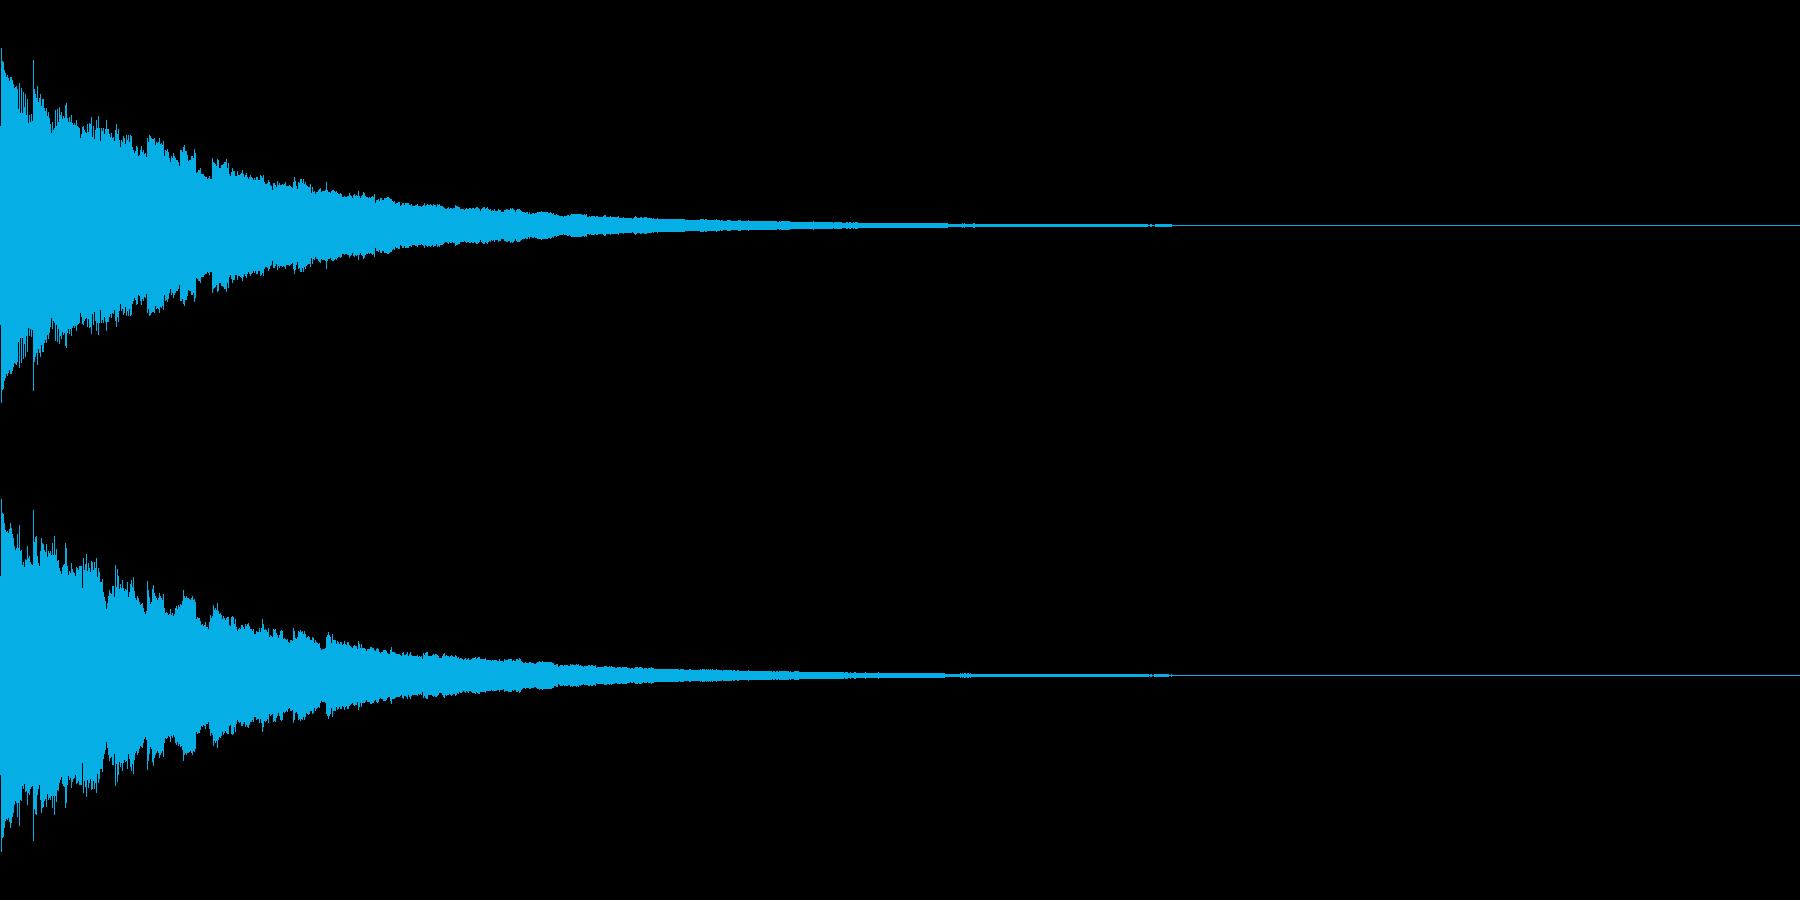 ピコピコピコ… 上昇音 その1の再生済みの波形